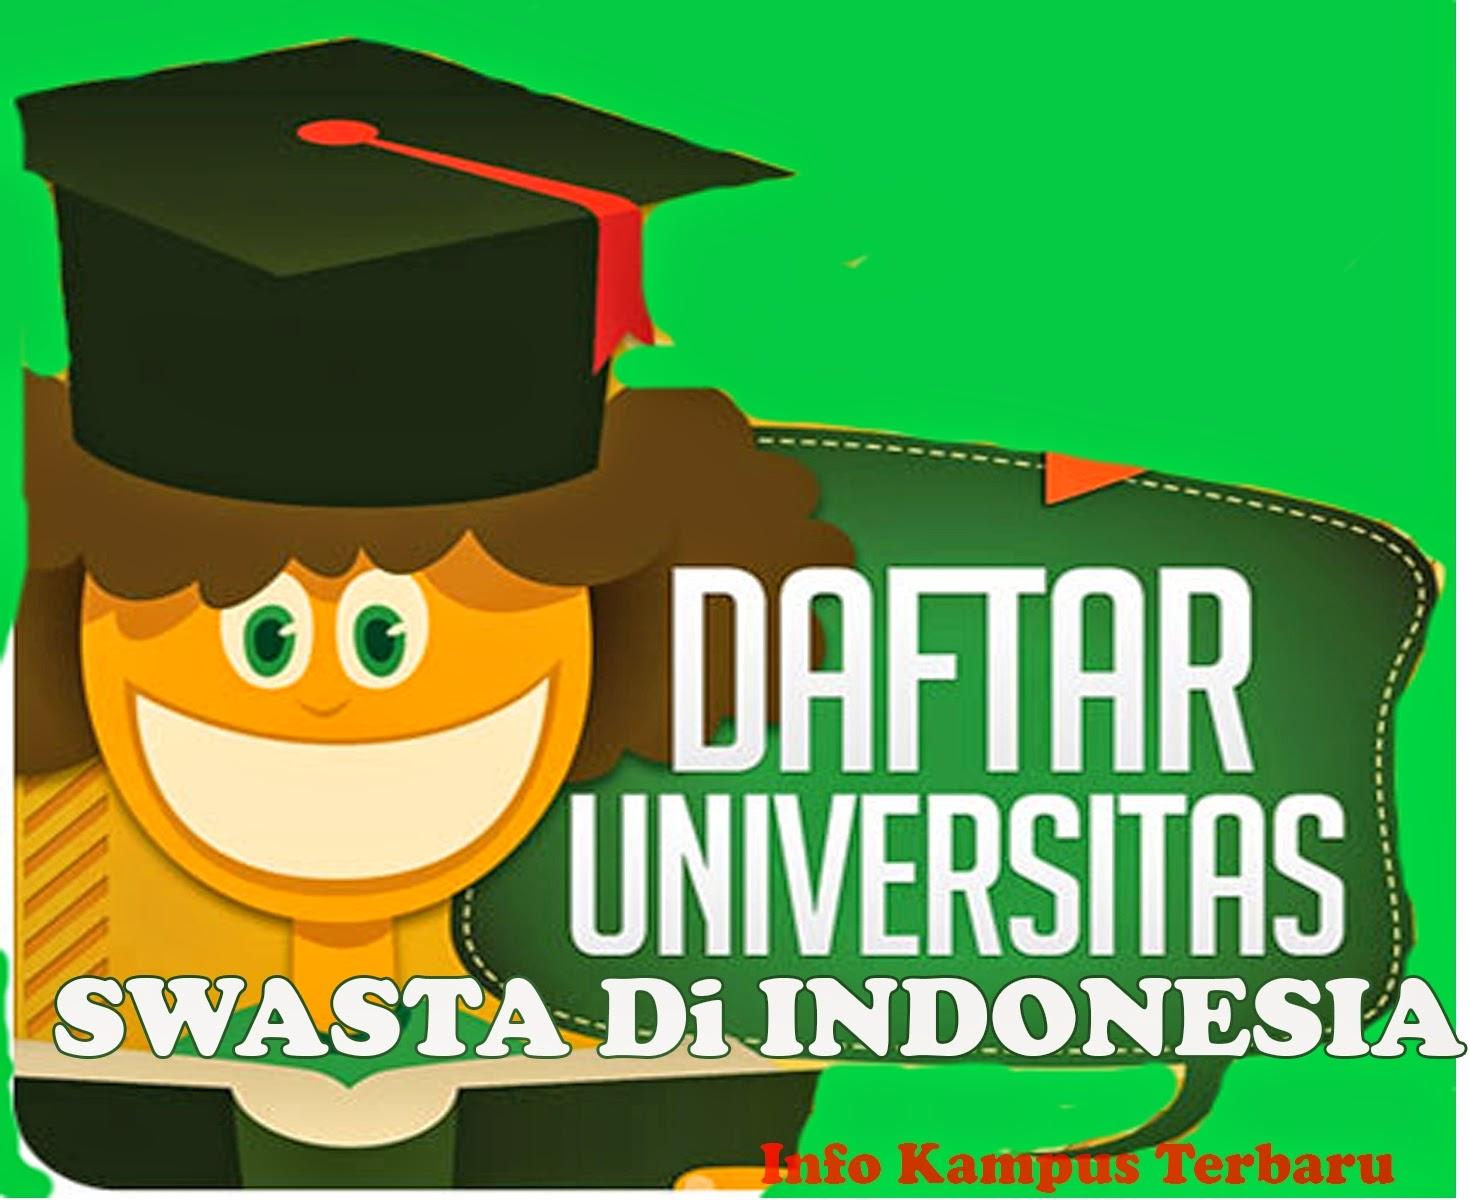 Daftar Lengkap Perguruan Tinggi Swasta Di Indonesia